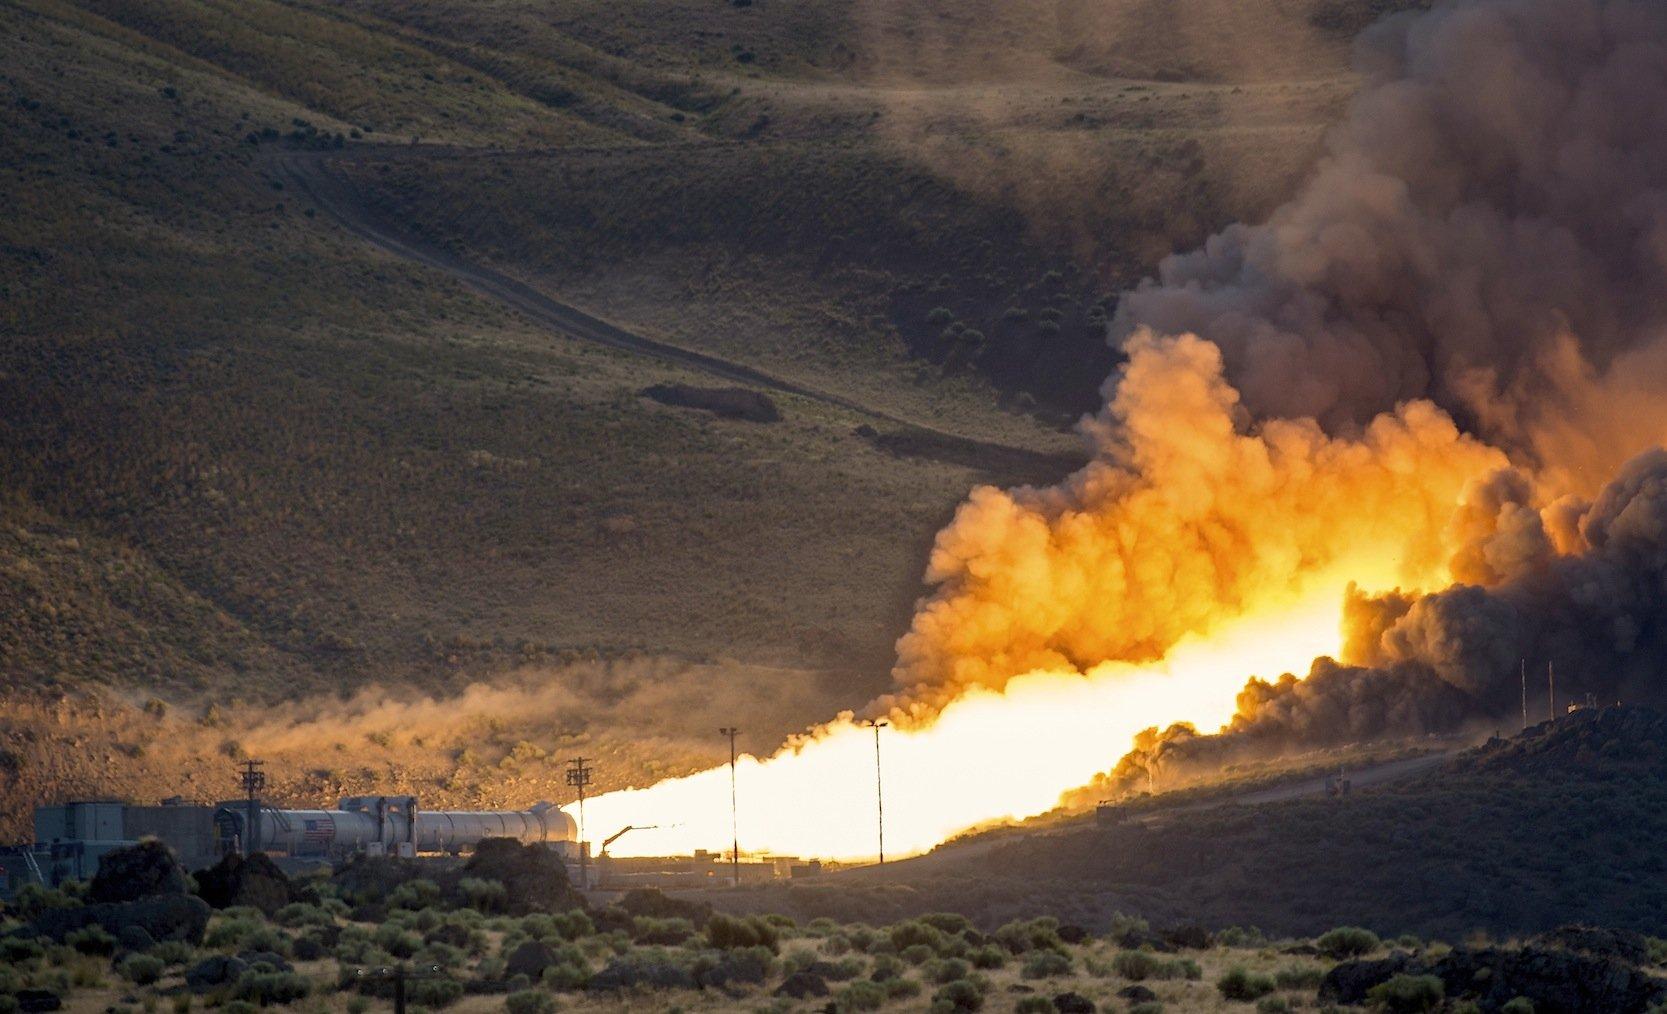 Das neue Raketensystem der Nasa soll einmal Astronauten zum Mars bringen. Der erste Start einer Rakete mit dem Space Launch System ist 2018 geplant.